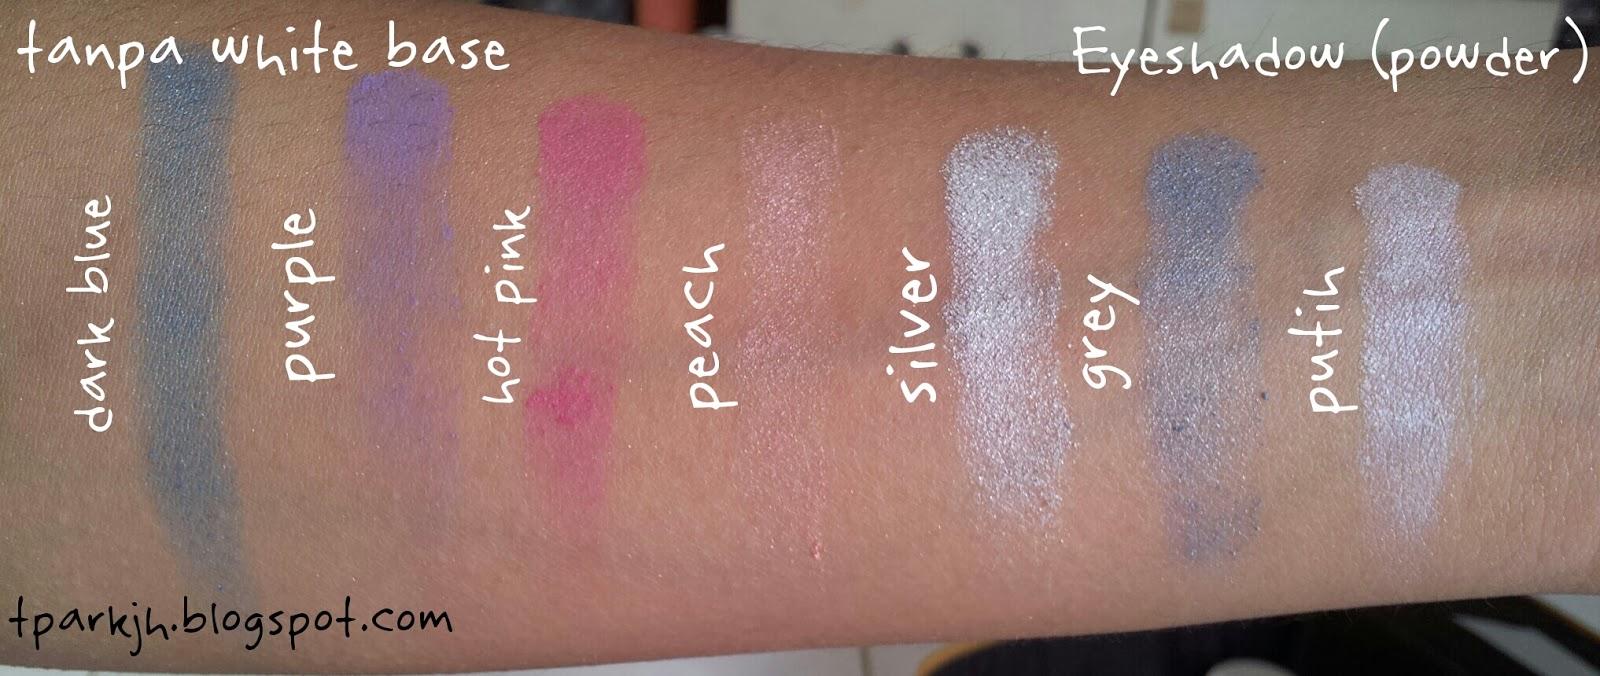 Review Viva Eyeshadow In Viva Cosmetic Palette